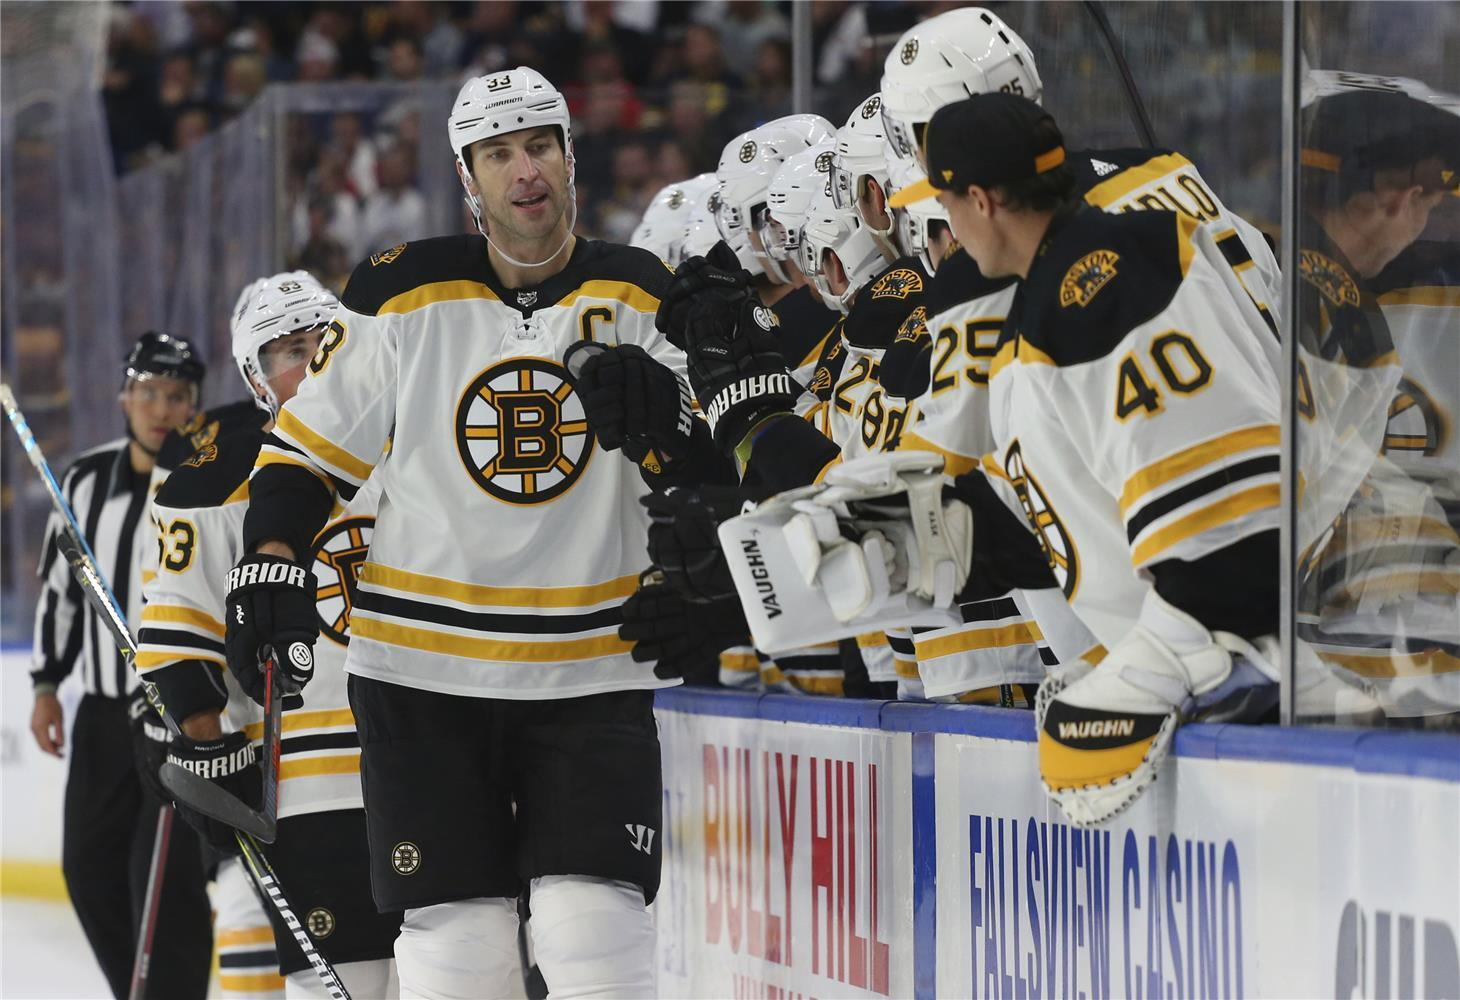 71ad14223b742 BOSTON 17. júna (SITA) - Zdeno Chára vedel, že hokejisti Bostonu majú  najlepších fanúšikov, ale neuvedomoval si to, až kým sa nepostavil pred  nich pred ...